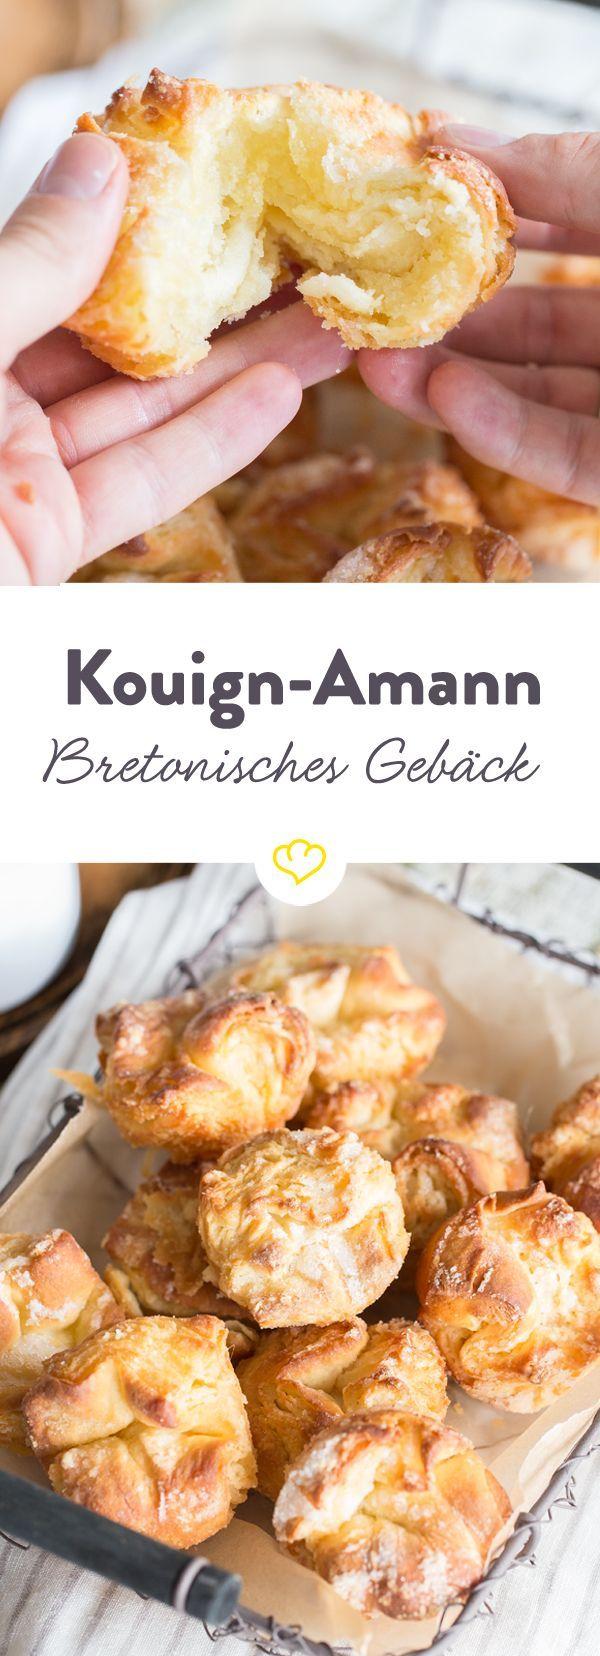 Kouign-amann: Kleine Butterkuchen aus der Bretagne